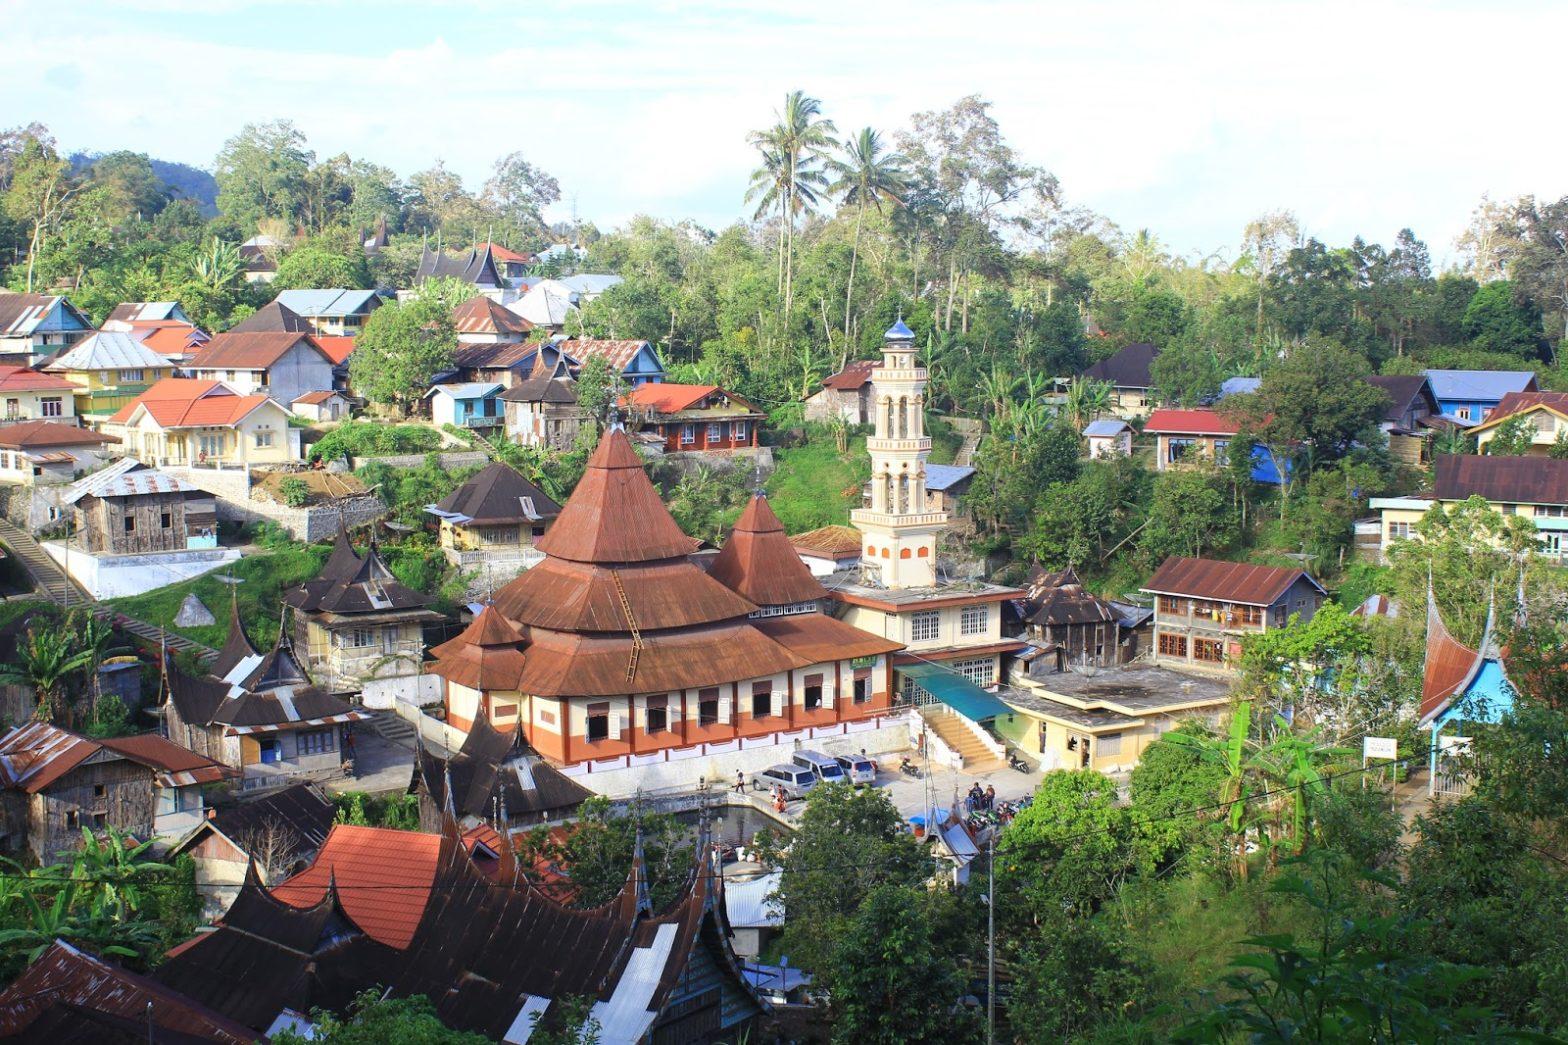 Karakteristik wilayah desa dan kota